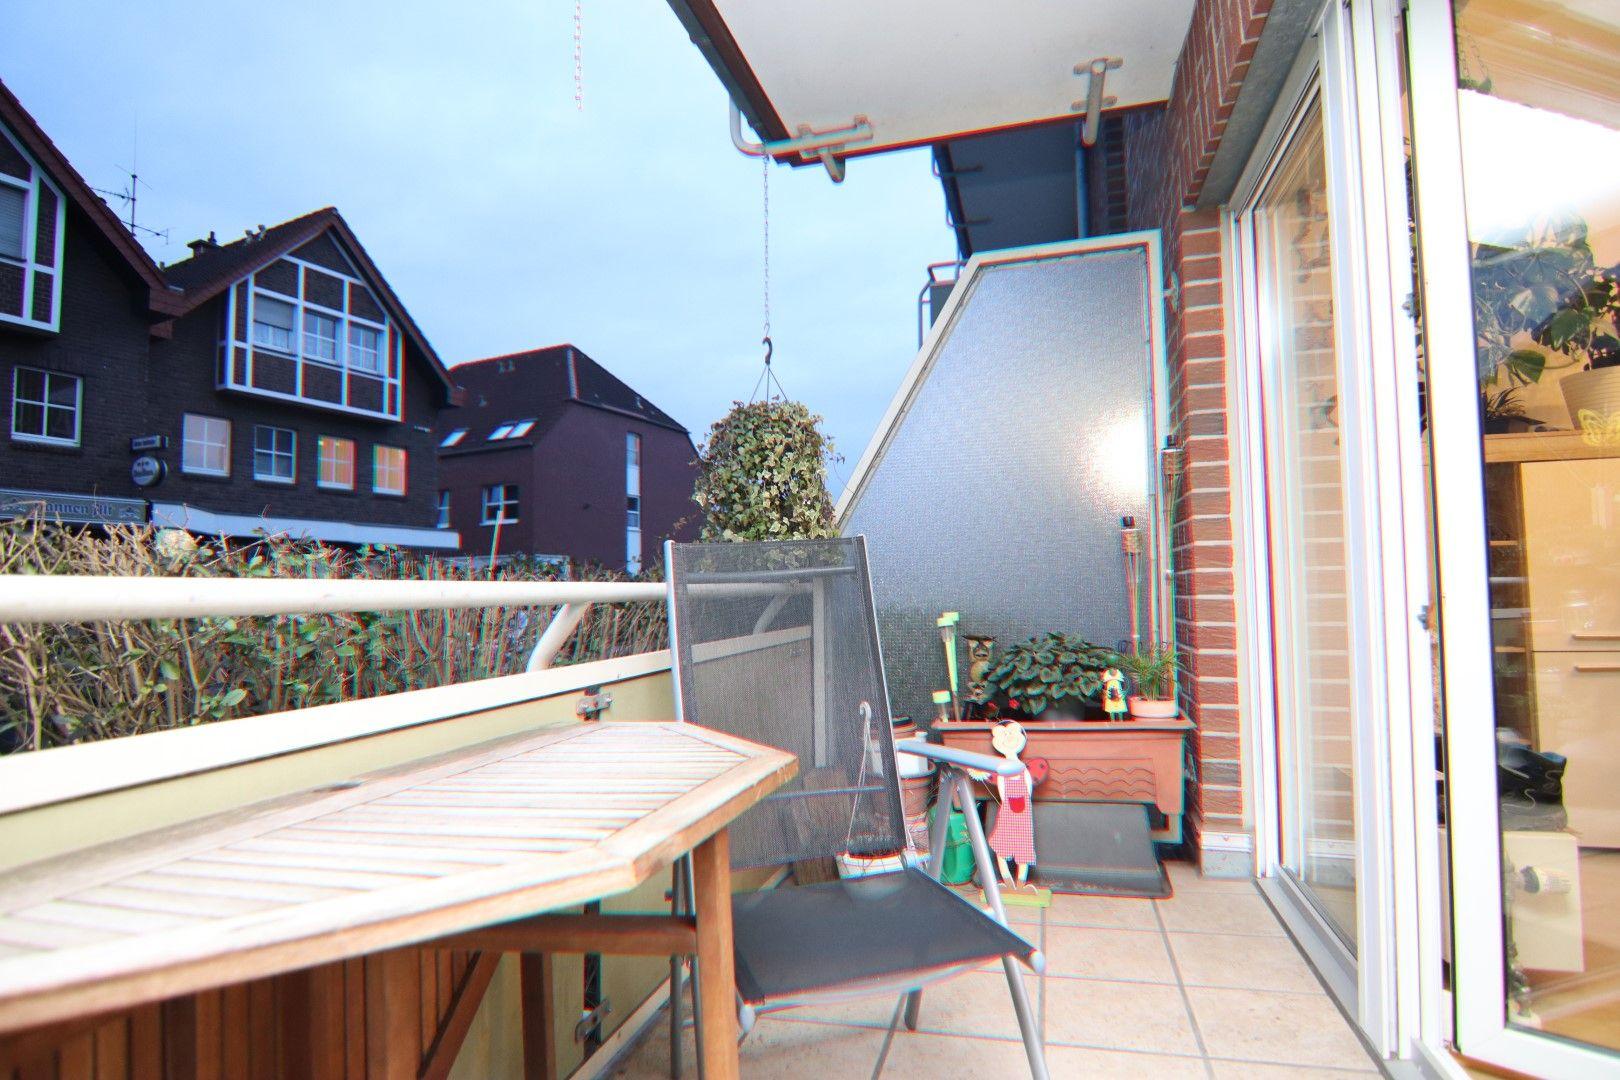 Immobilie Nr.0288 - 4 Zimmer EG-Wohnung mit 2 Bädern und 2 Balkonen - Bild 5.jpg